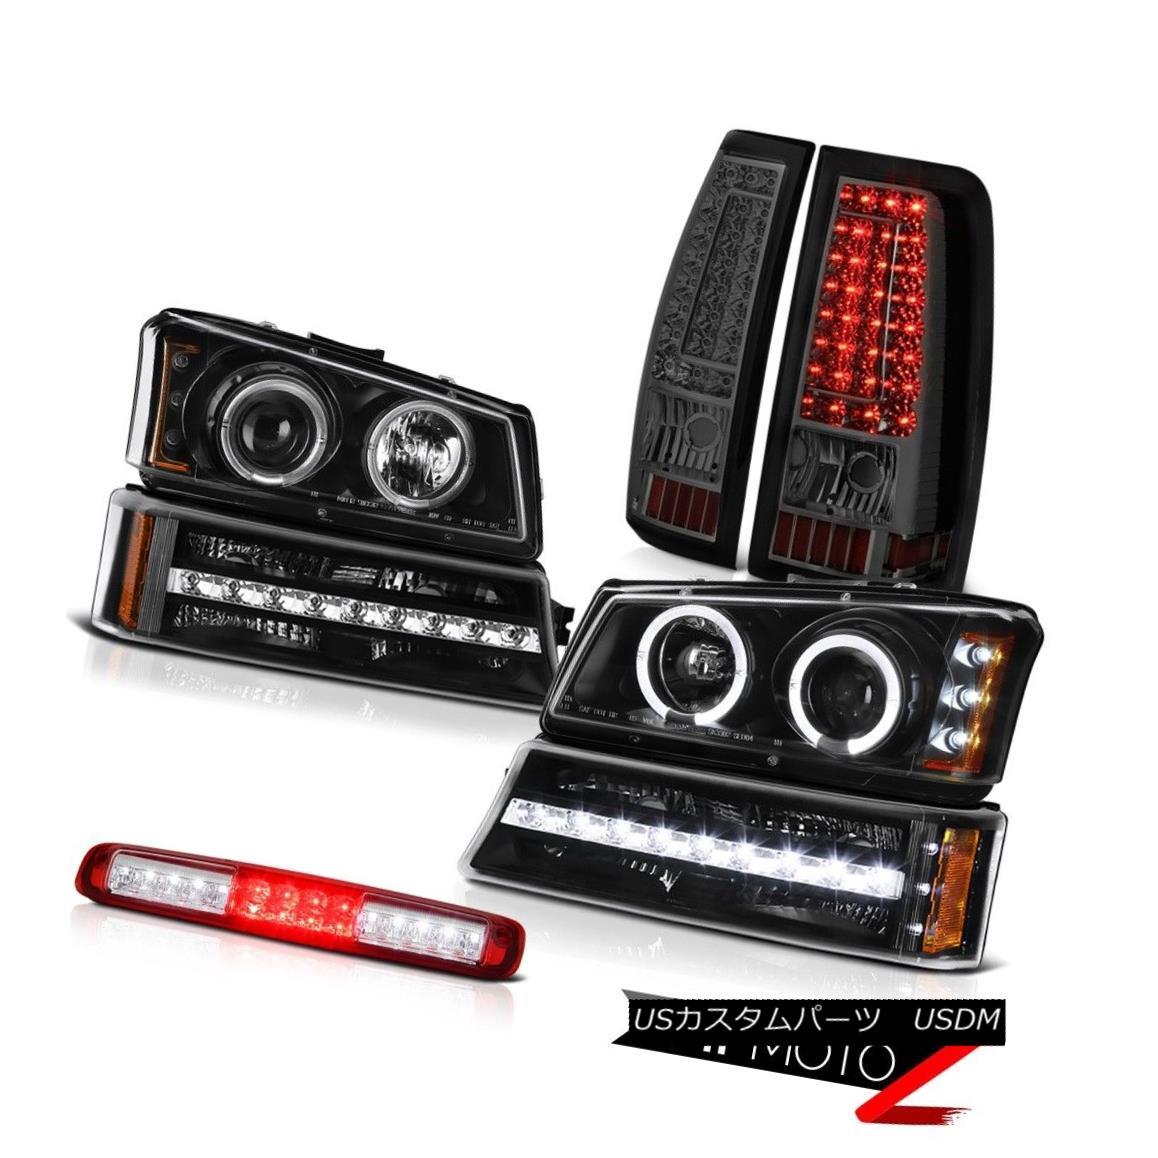 テールライト 03-06 Silverado 1500 3RD Brake Light Dark Smoke Taillights Signal Headlamps LED 03-06 Silverado 1500 3RDブレーキライトダークスモークダークライトヘッドランプLED